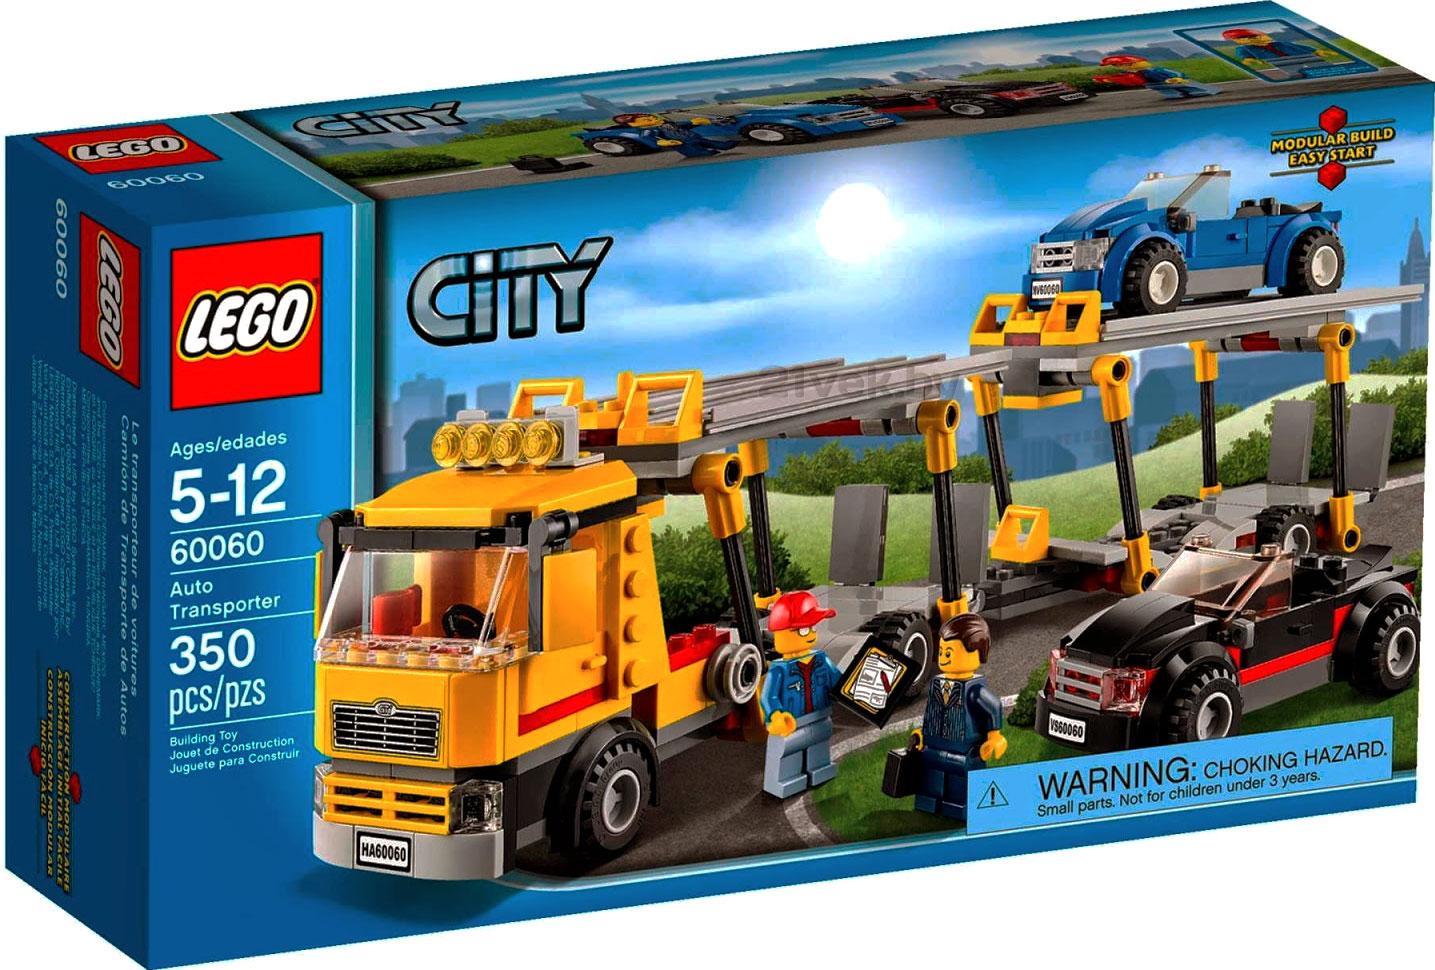 City Транспорт для перевозки автомобилей (60060) 21vek.by 443000.000